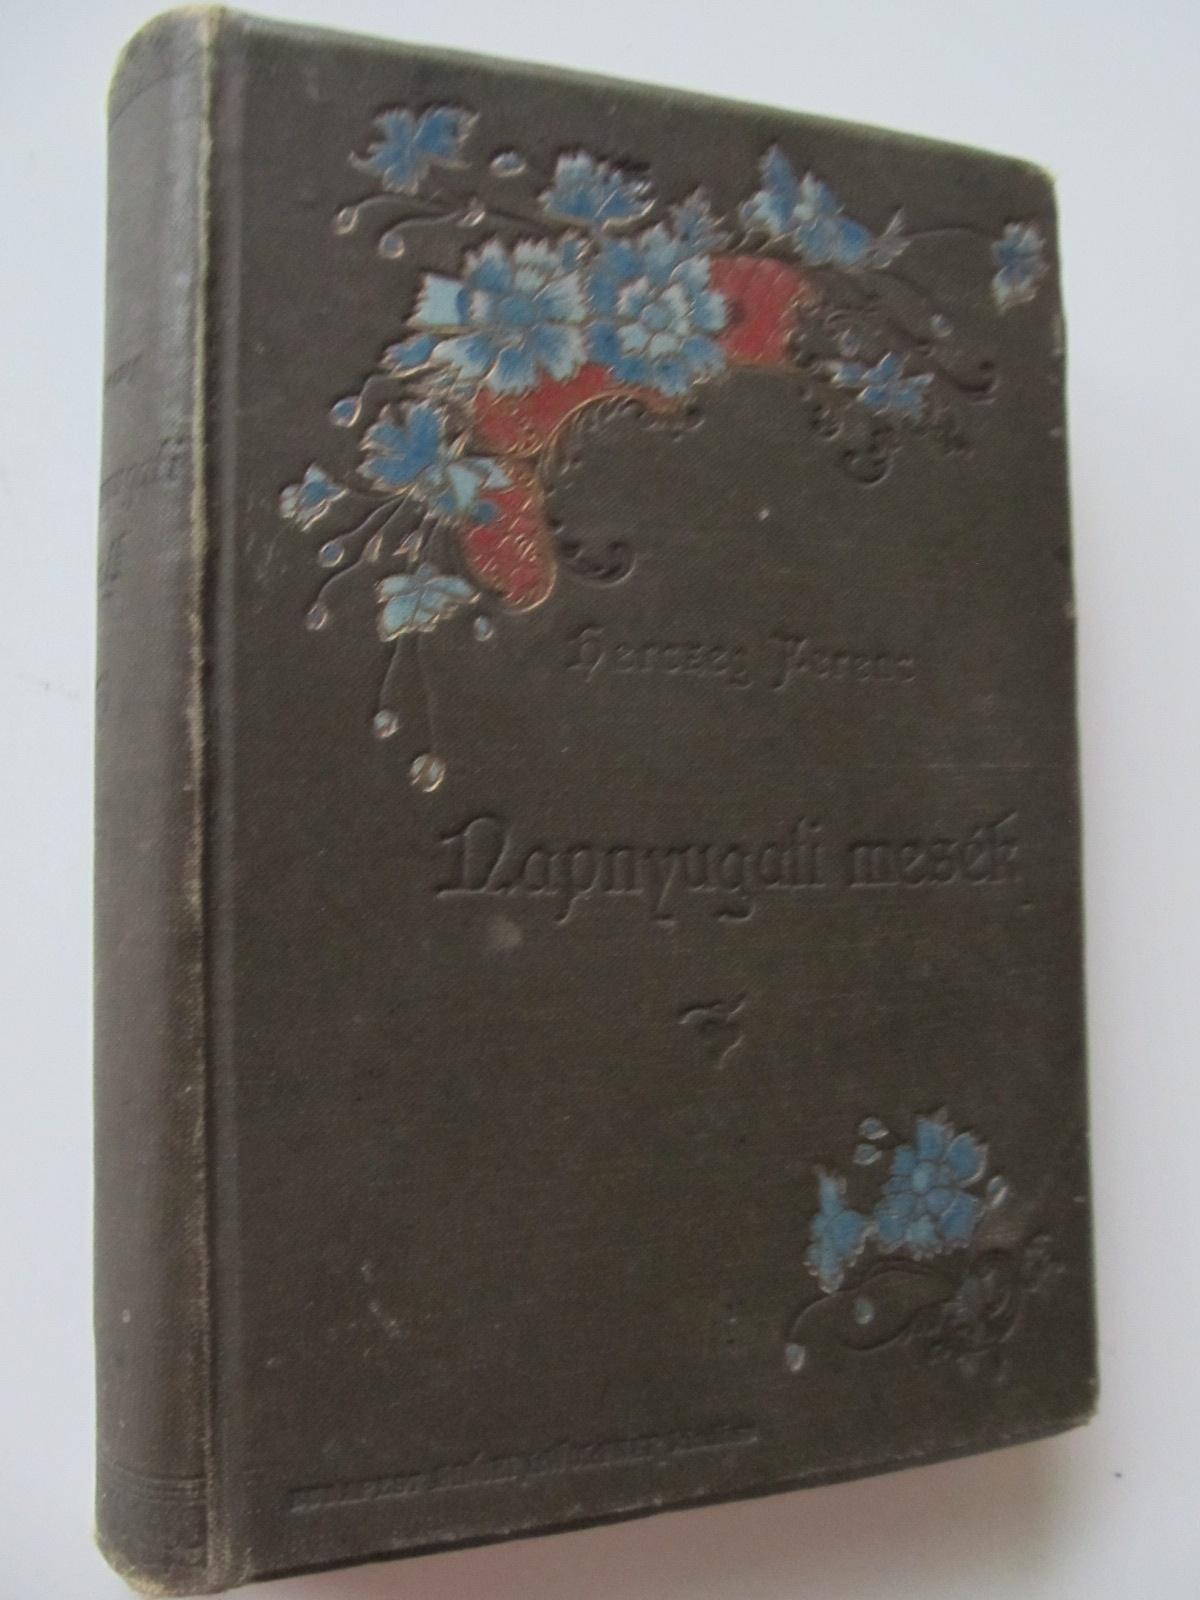 Napnyugati Mesek - Herzeg Ferenc | Detalii carte